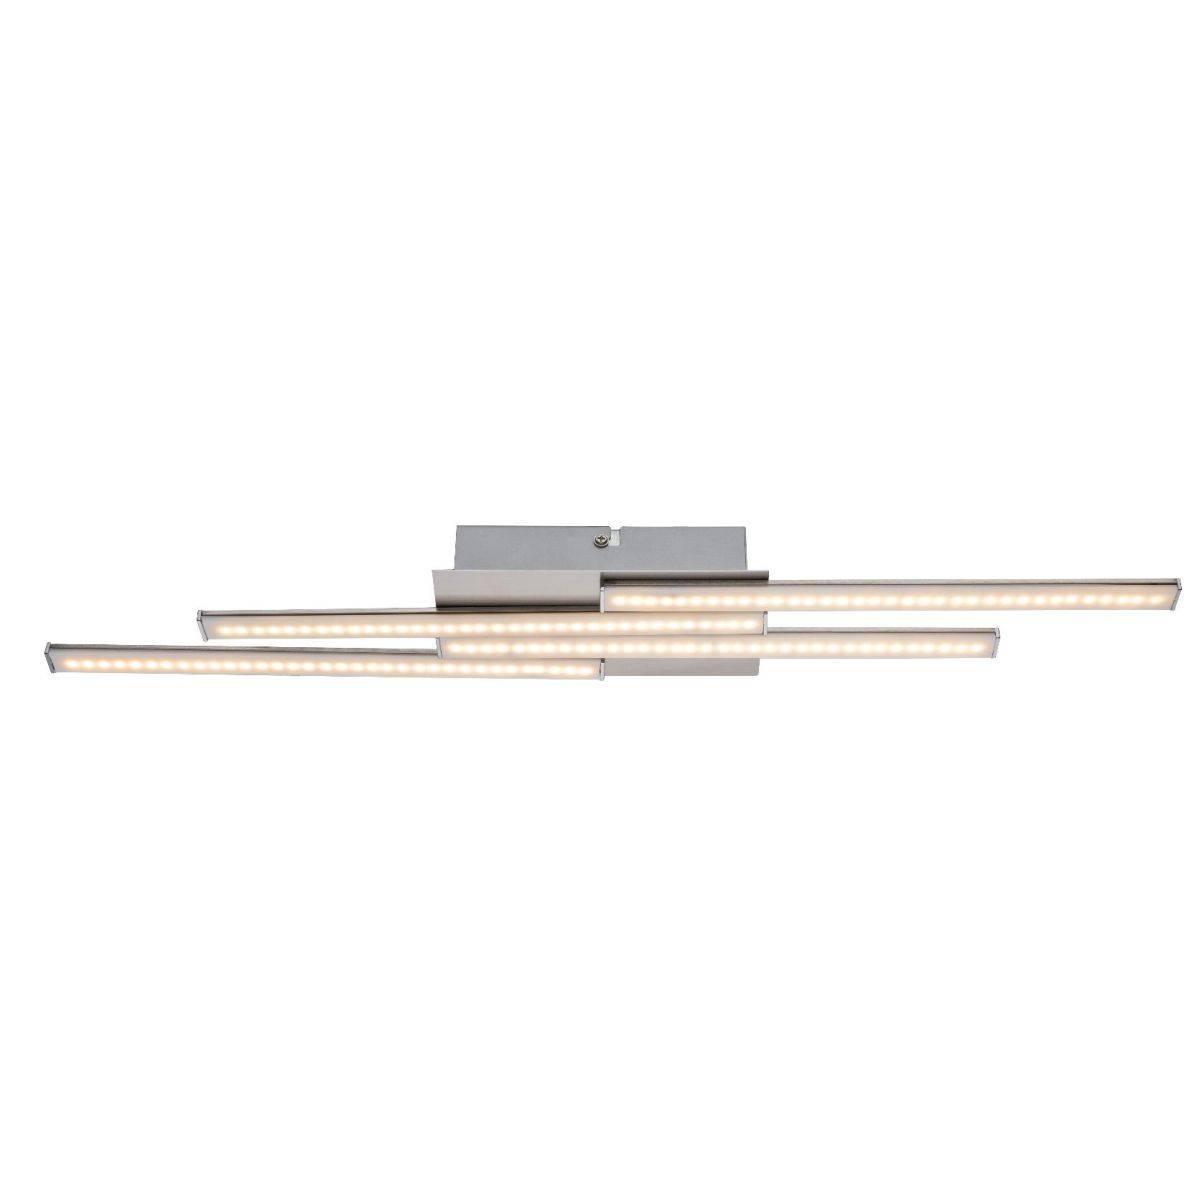 Потолочный светодиодный светильник Globo Artax 67003-14 потолочный светодиодный светильник globo aisha 49357 17